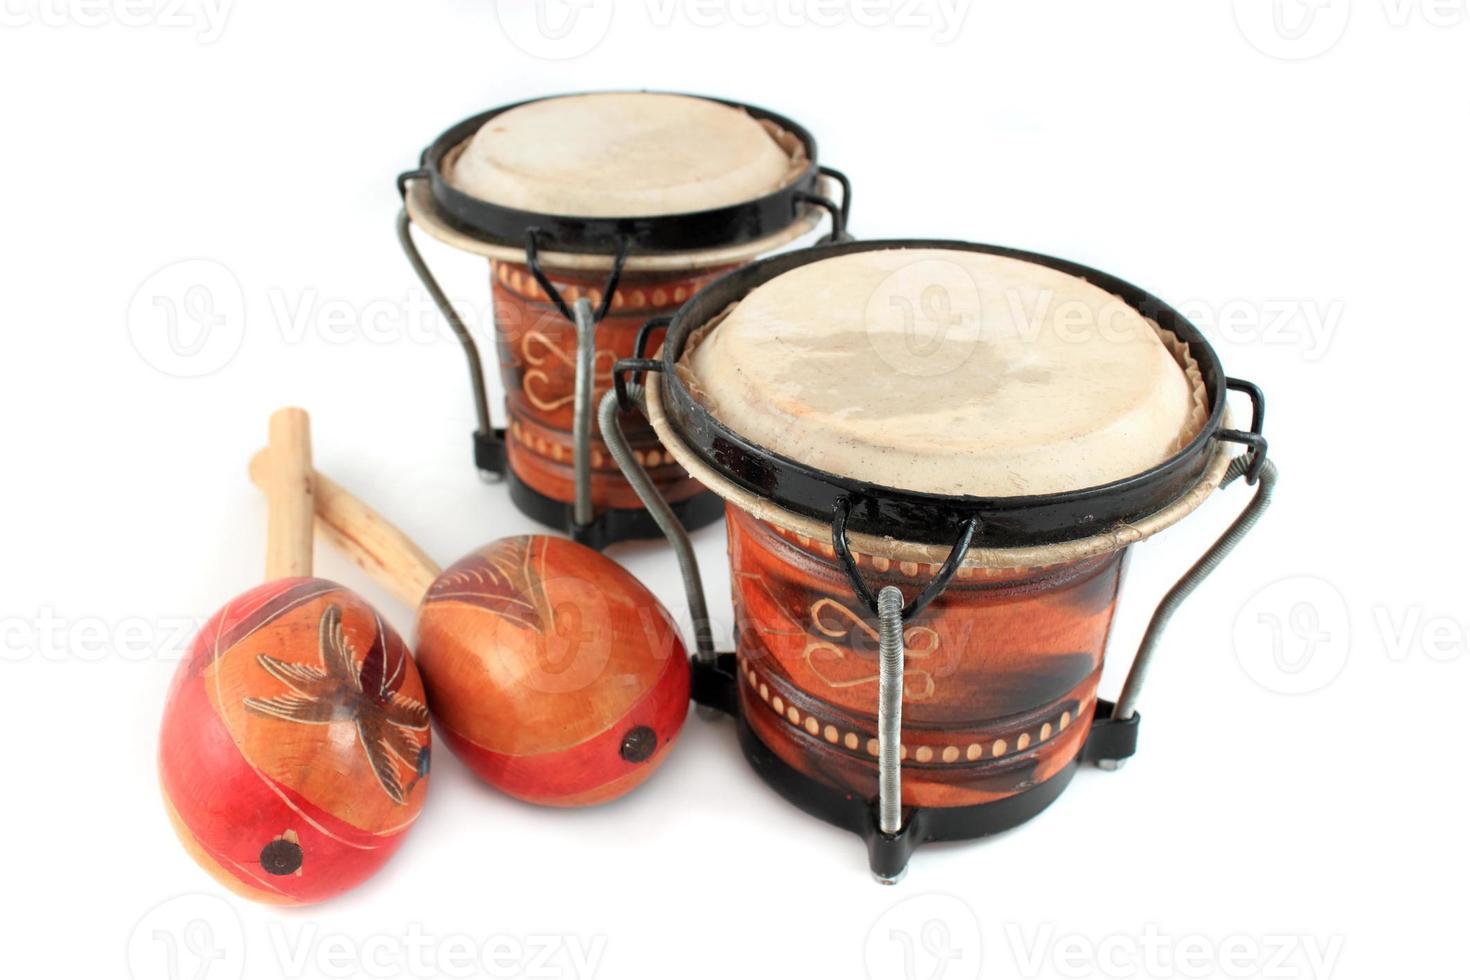 rytminstrument foto